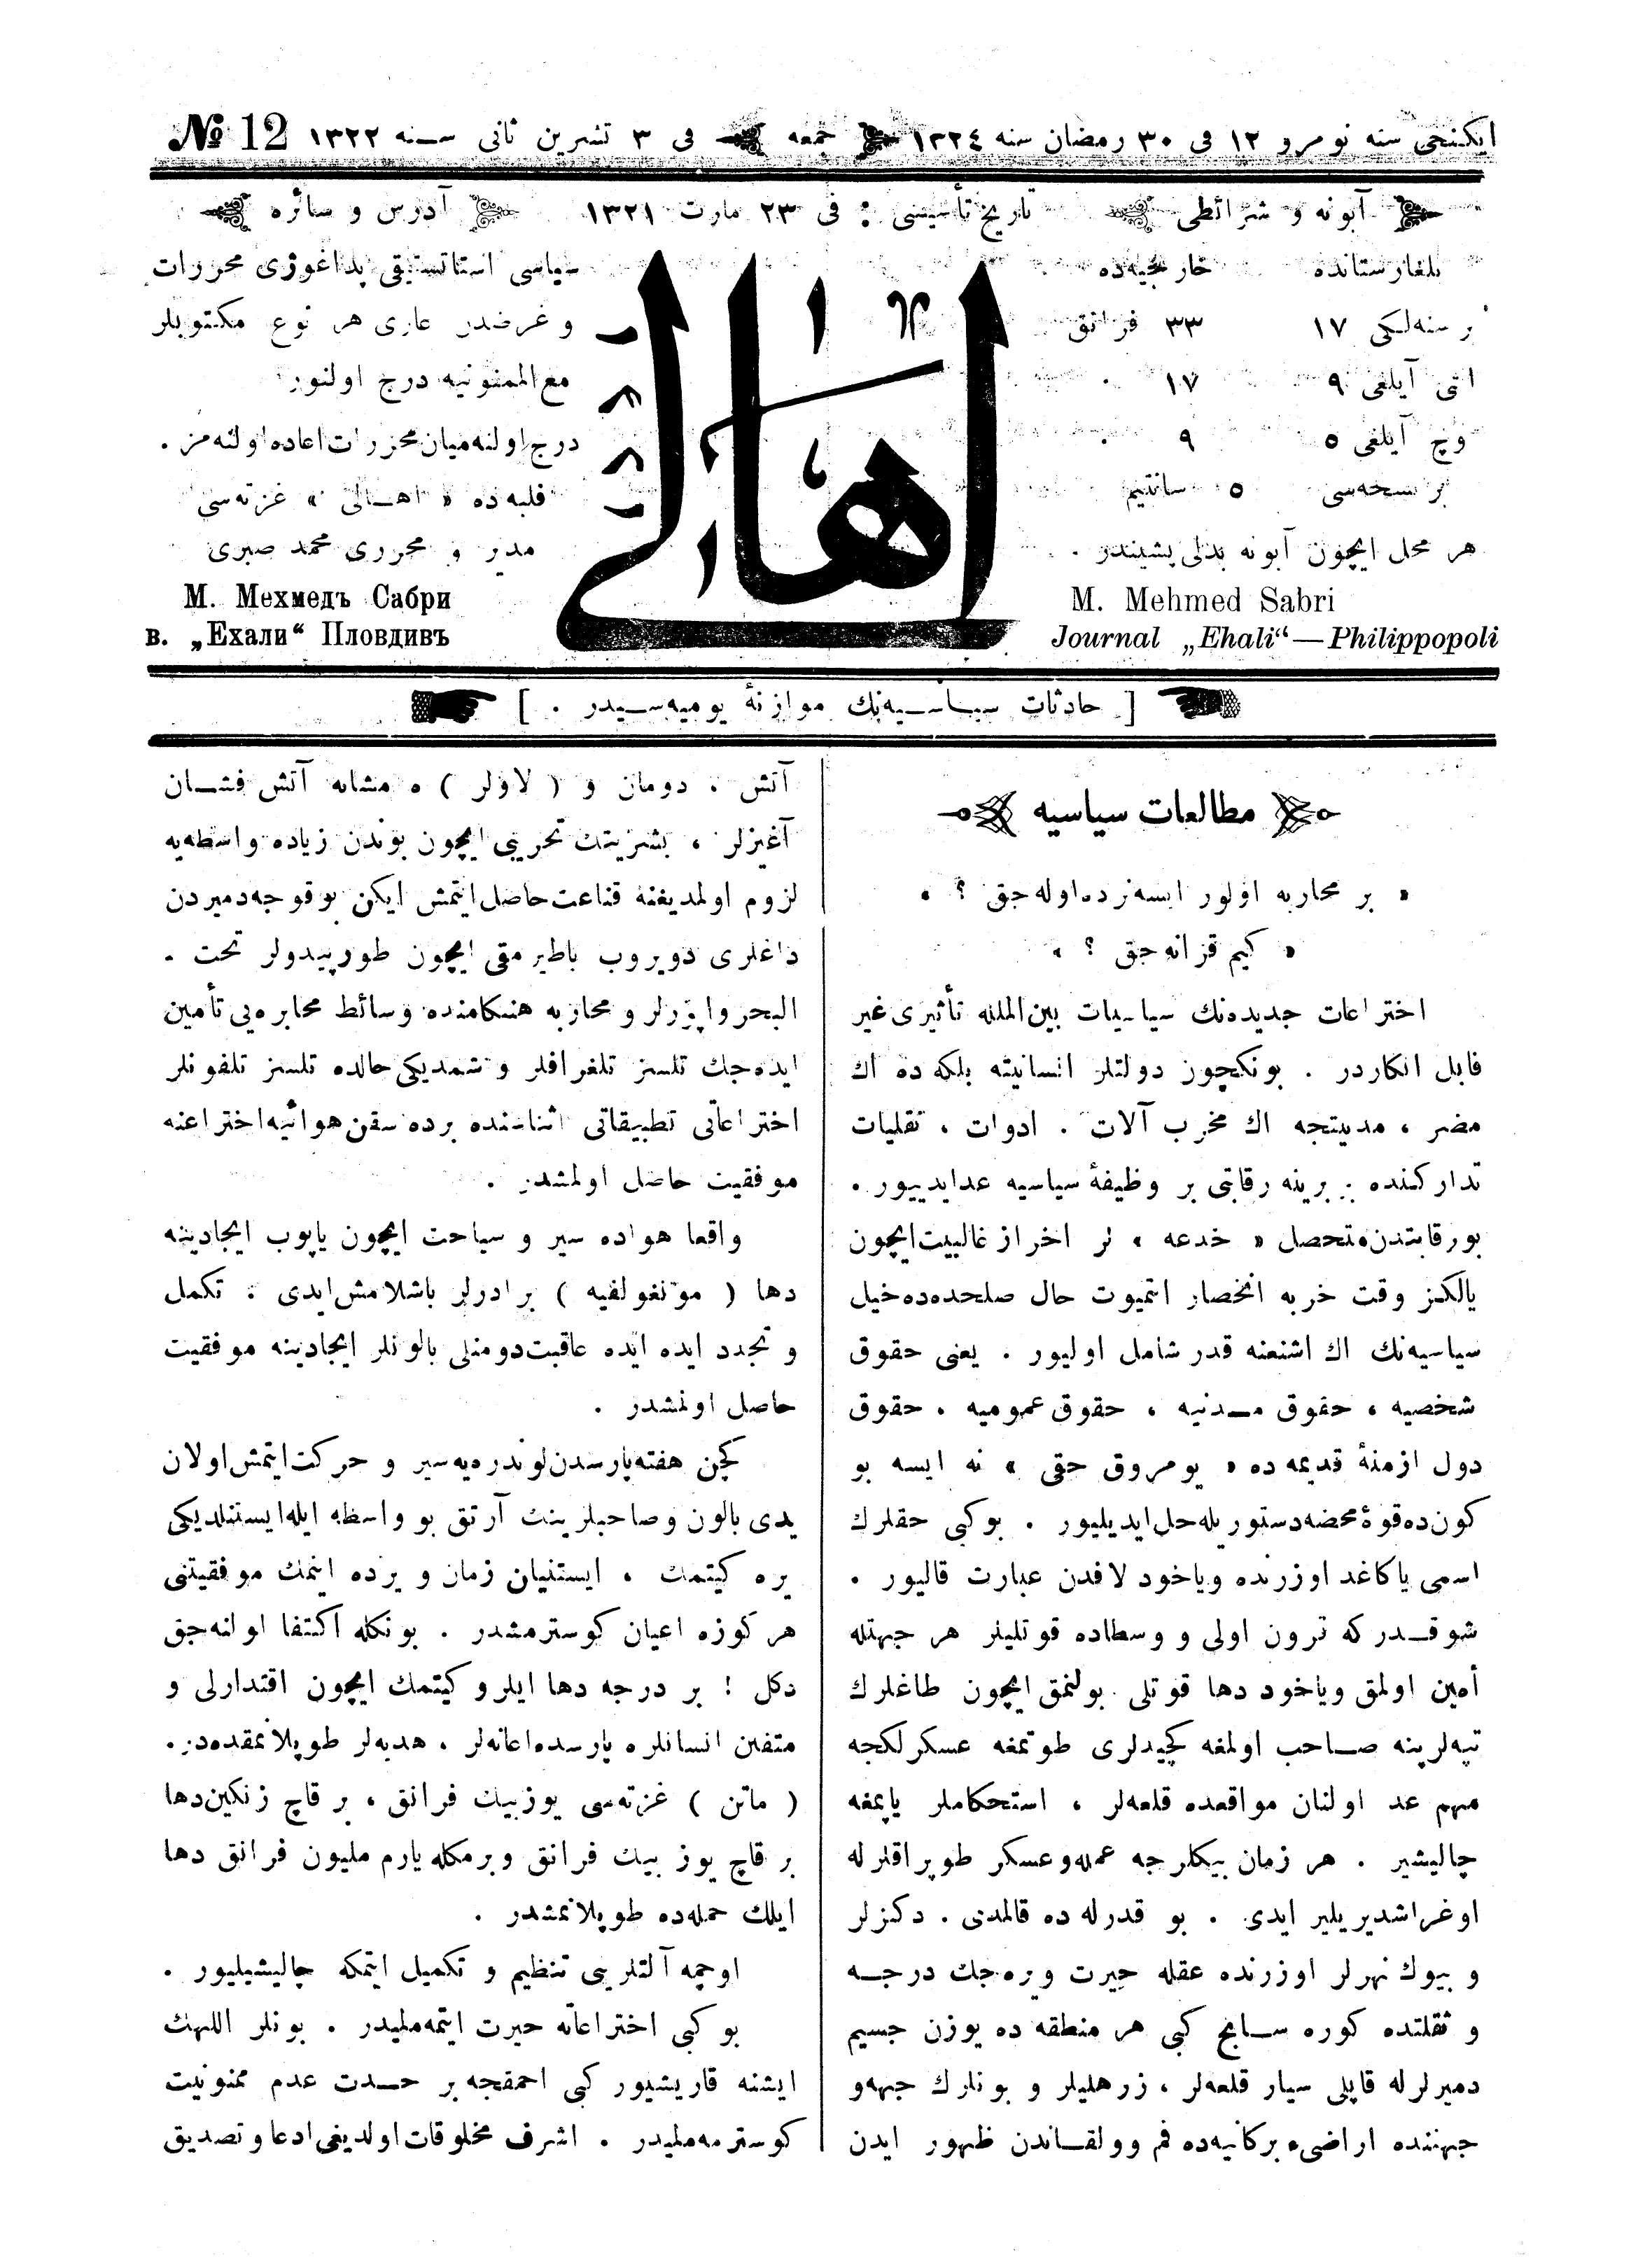 16 Kasım 1906 Tarihli Ahali (Filibe) Gazetesi Sayfa 1